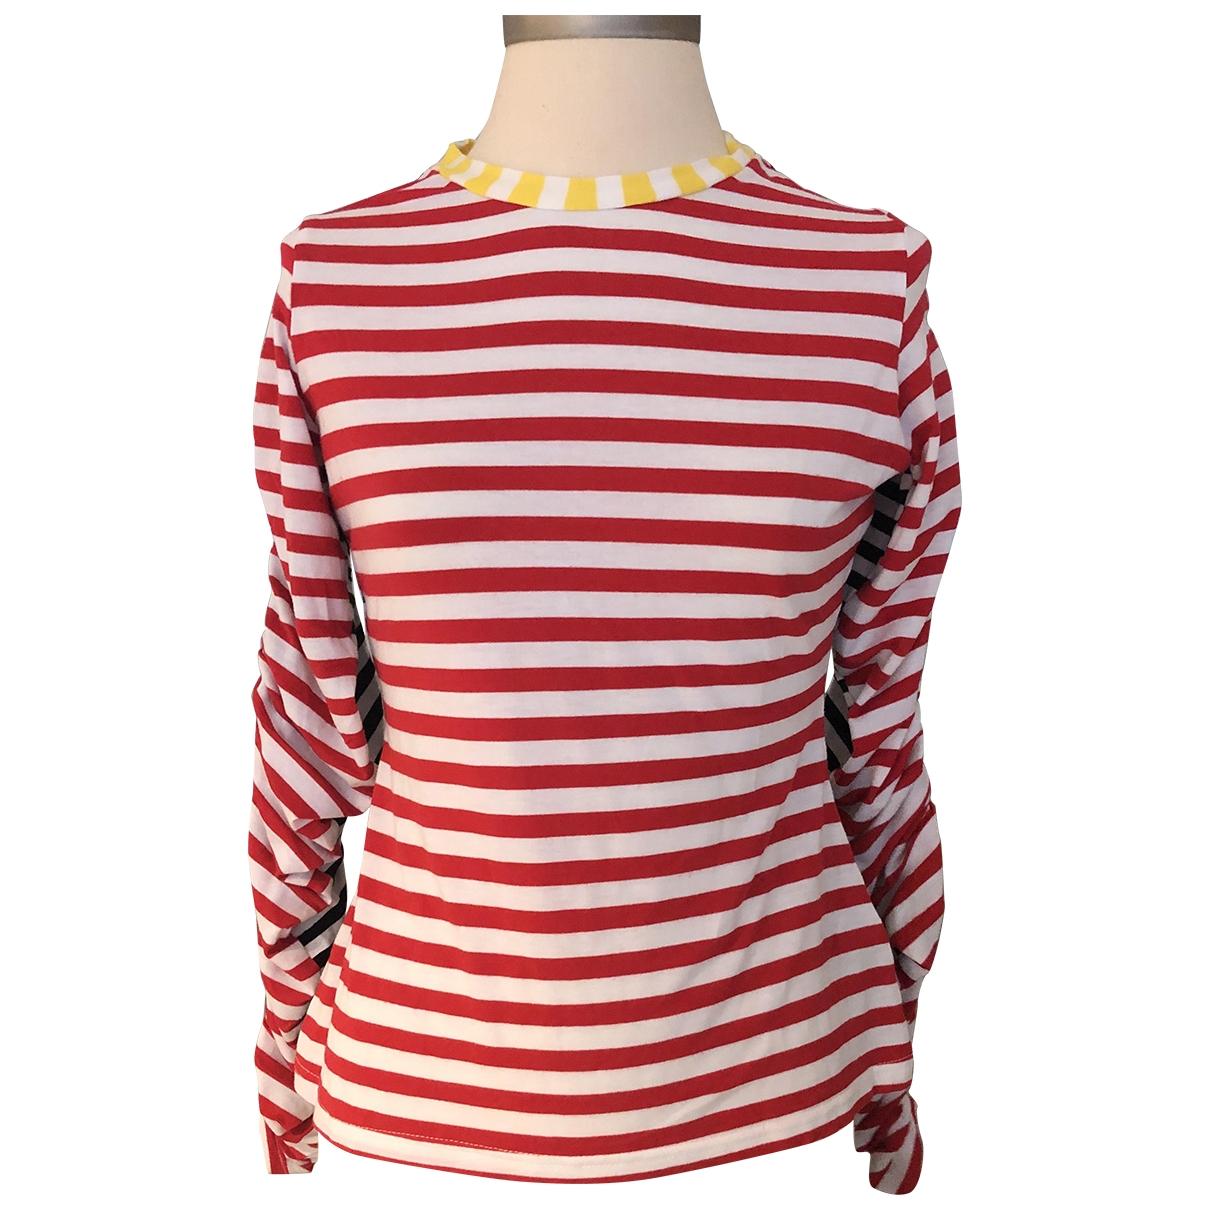 Preen - Top   pour femme en coton - multicolore